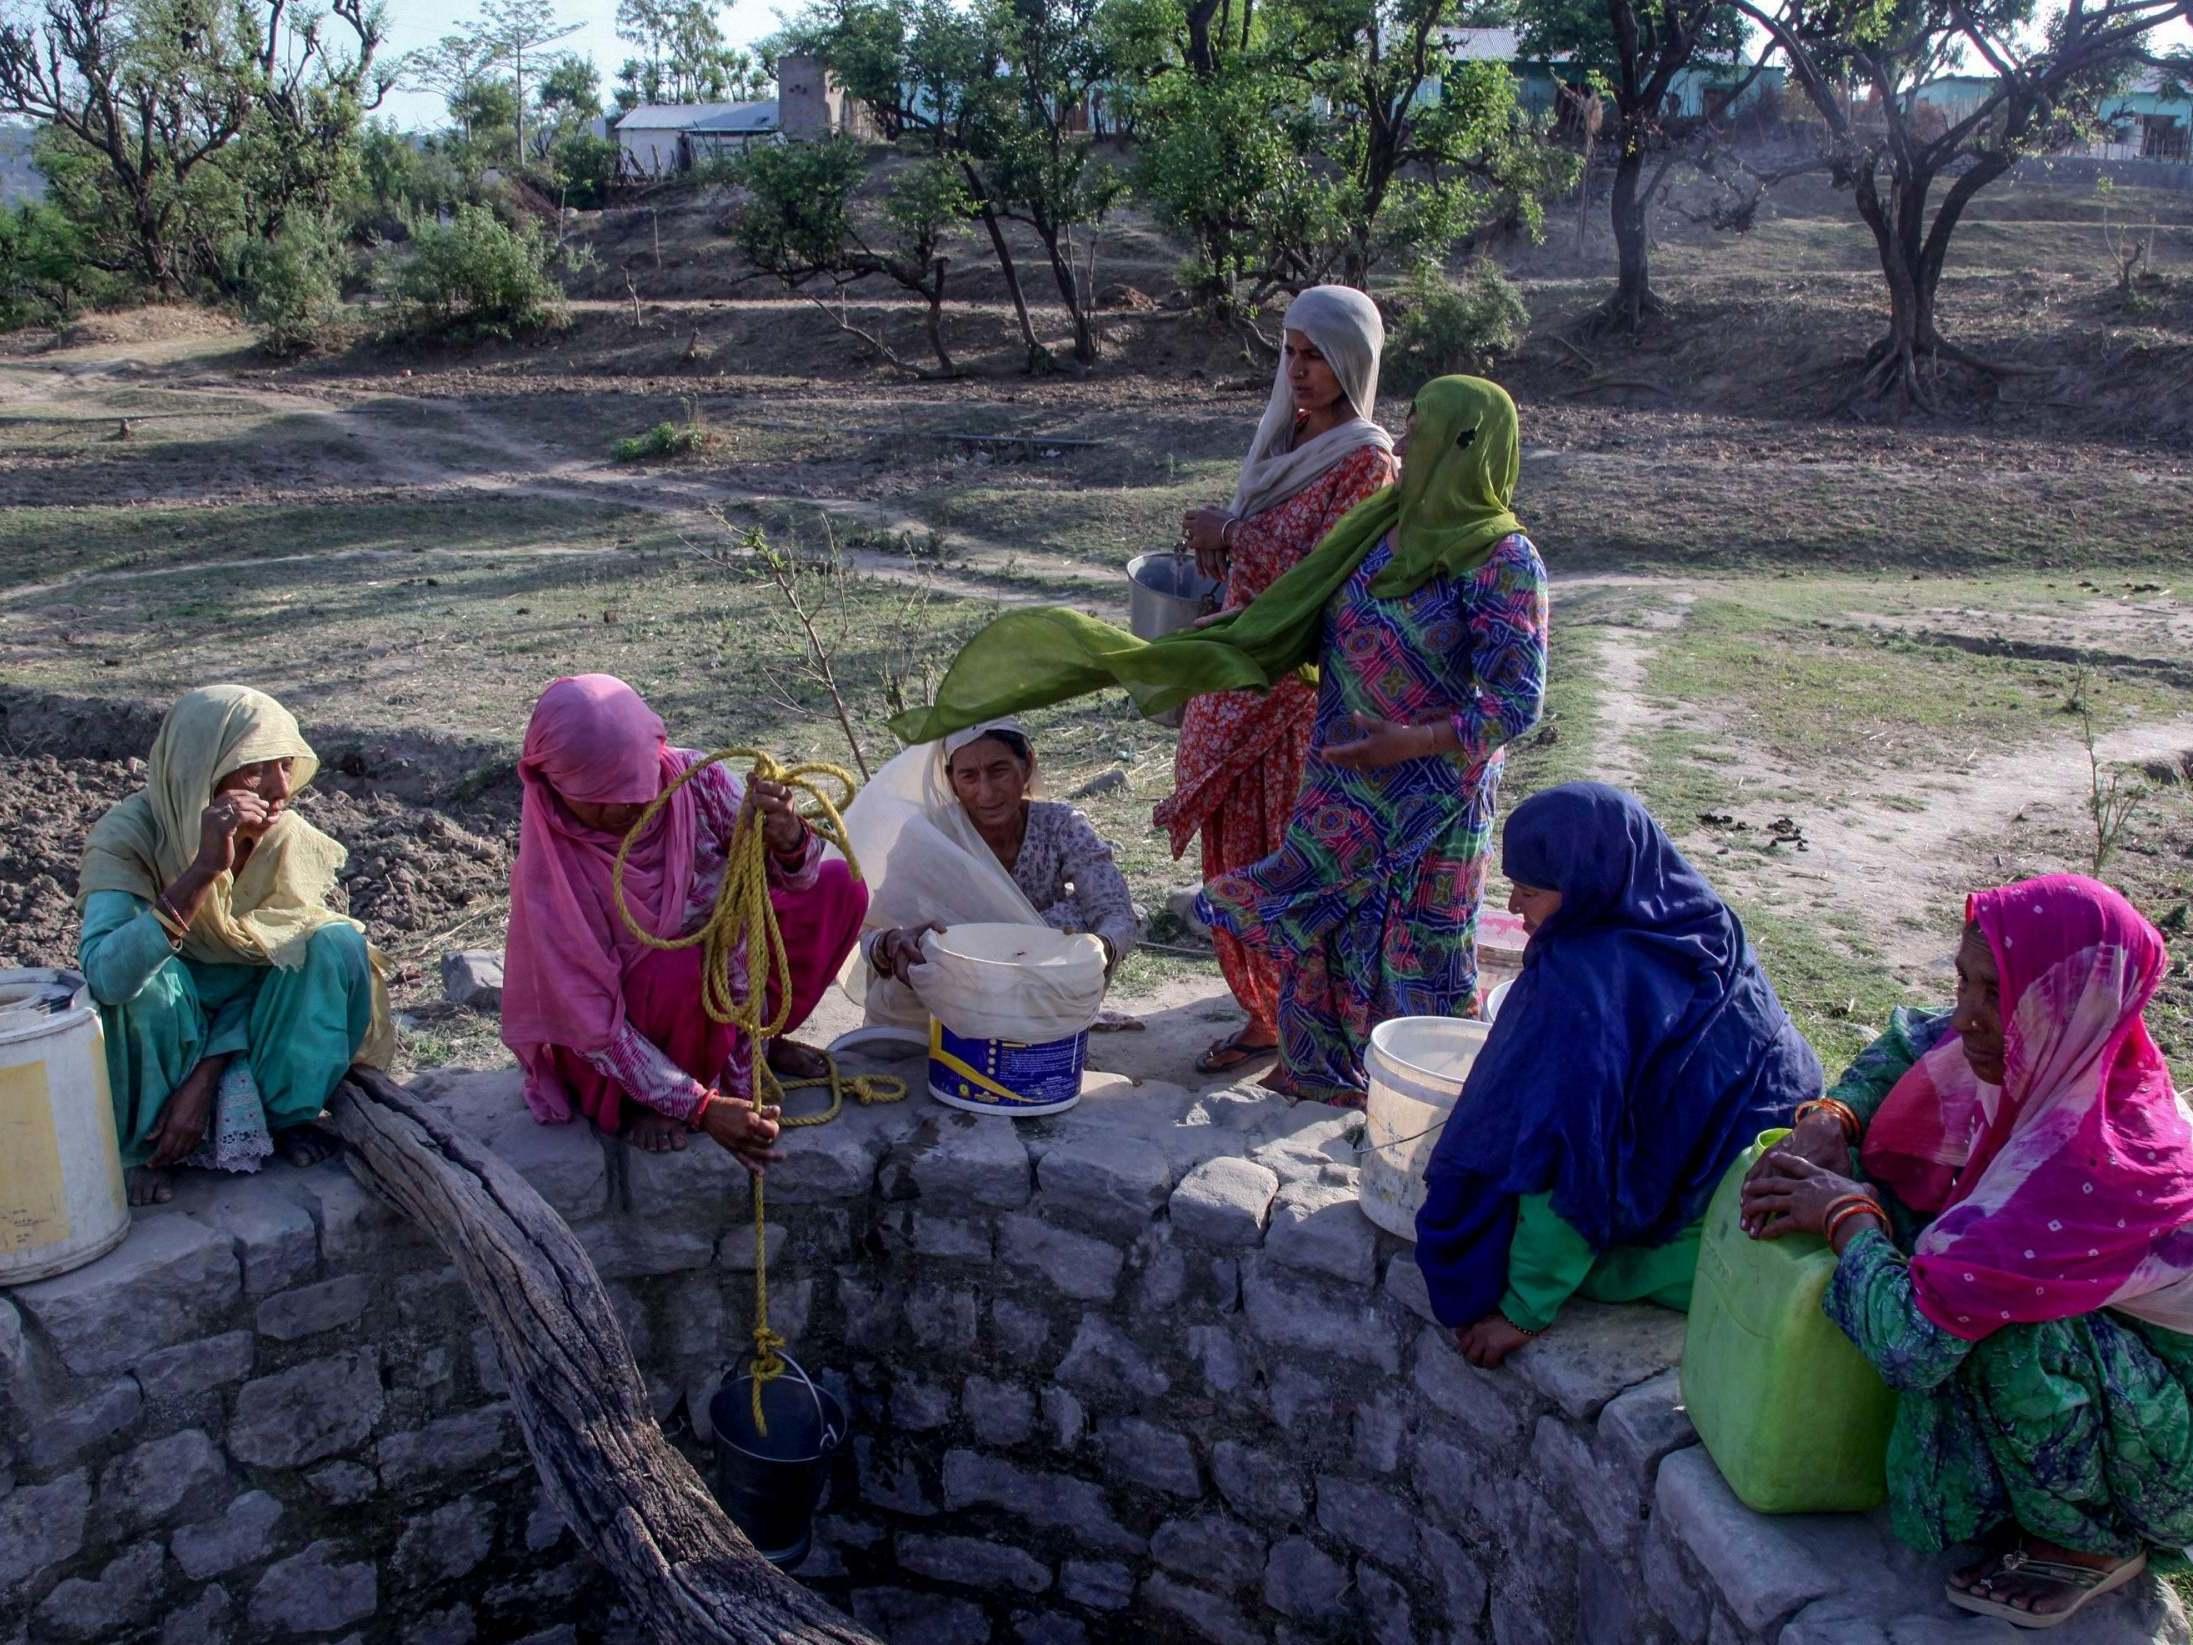 India heatwave kills 'dozens' of people as temperatures hit 50C